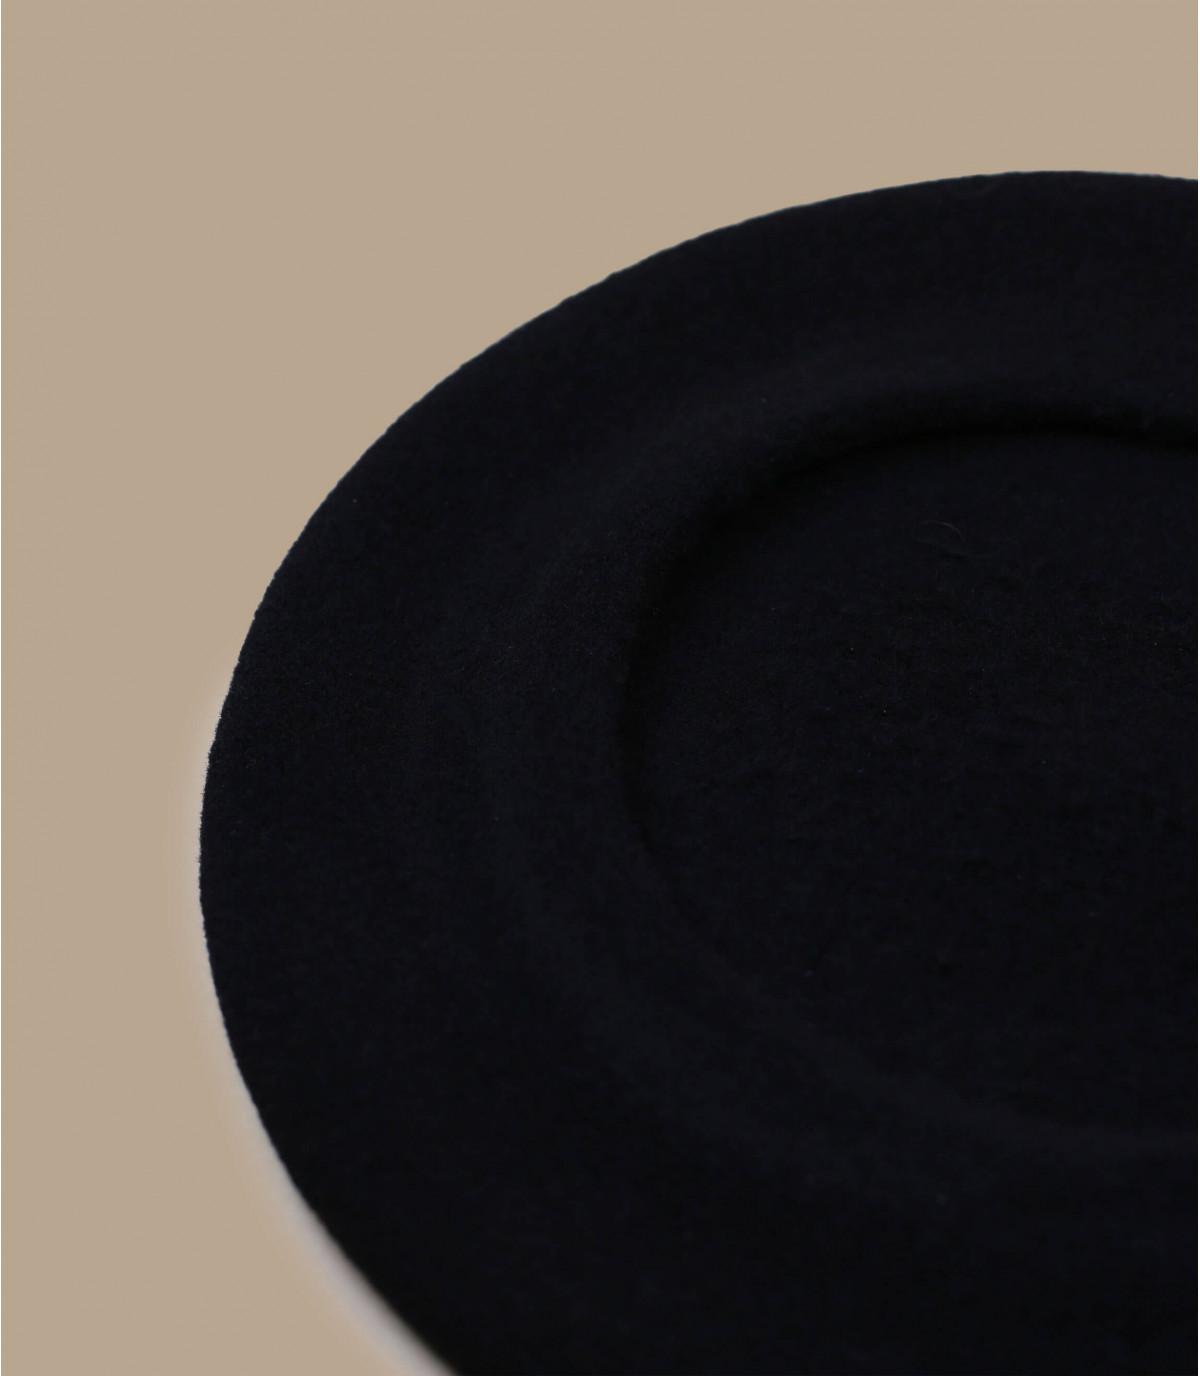 Détails Beret paris noir - image 2